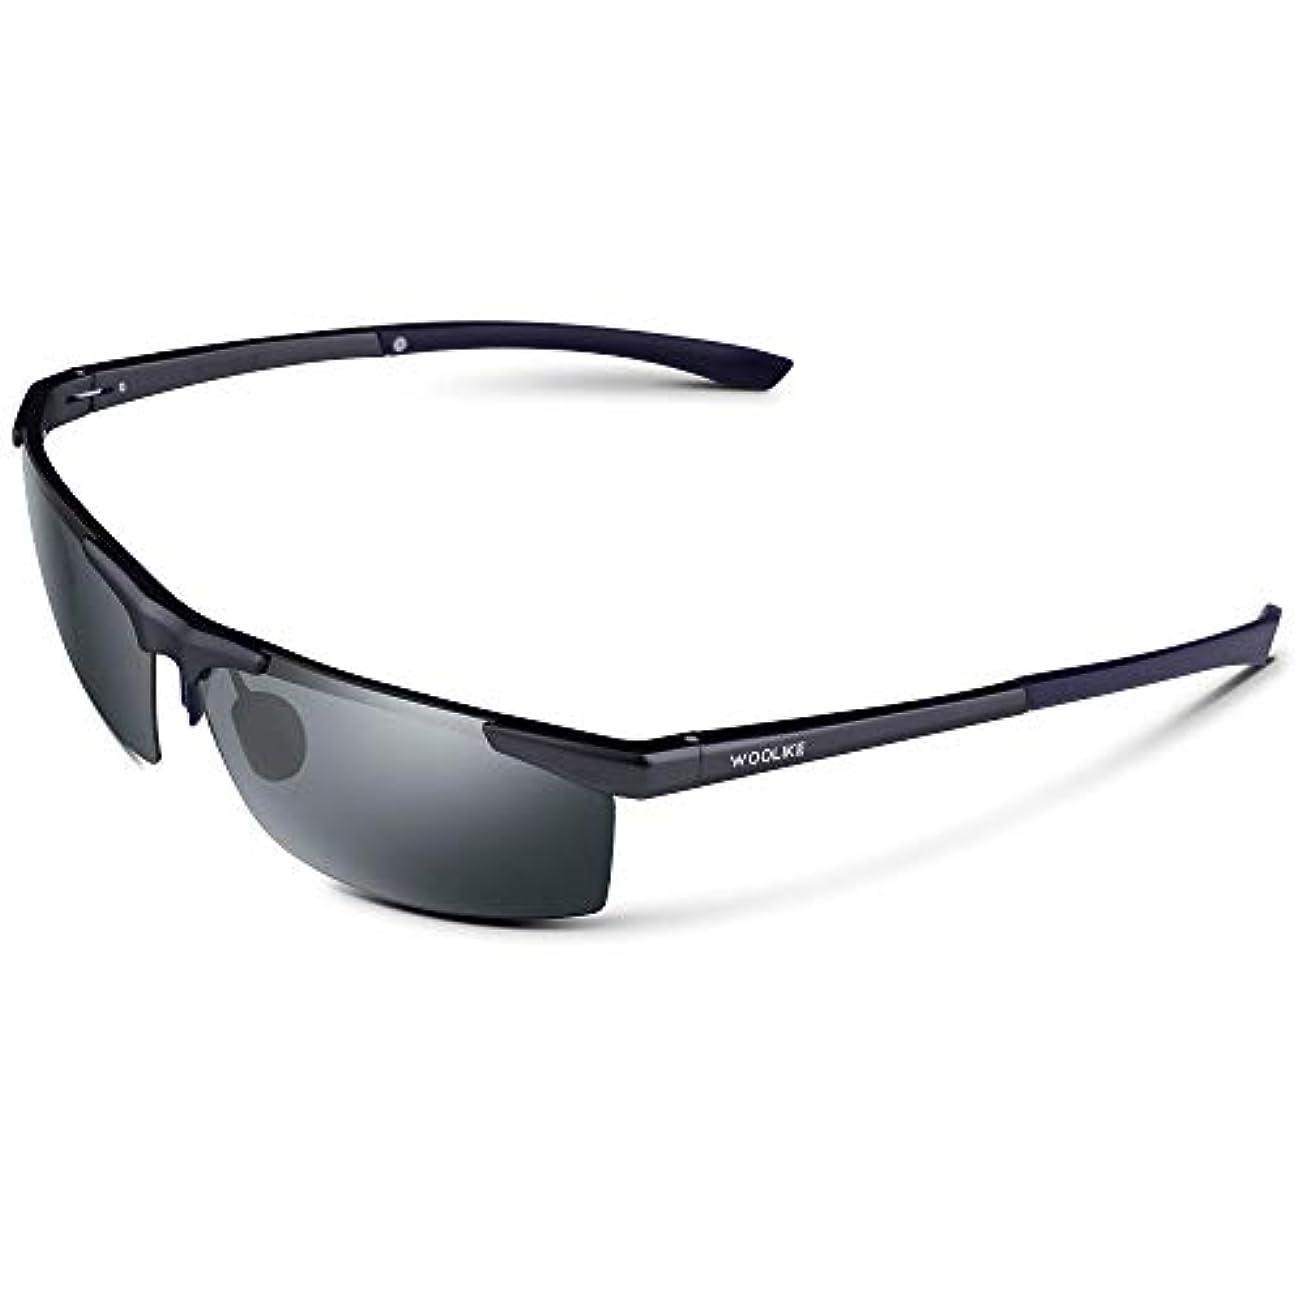 後方にペデスタルトイレWOOLIKE 偏光レンズ スポーツサングラス 超軽量 メンズレディース UV400 紫外線カット アルミ-マグネシウム合金 サングラス 自転車/釣り/野球/テニス/スキー/ランニング/ゴルフ/夜間ドライブ 偏向サングラス W-825